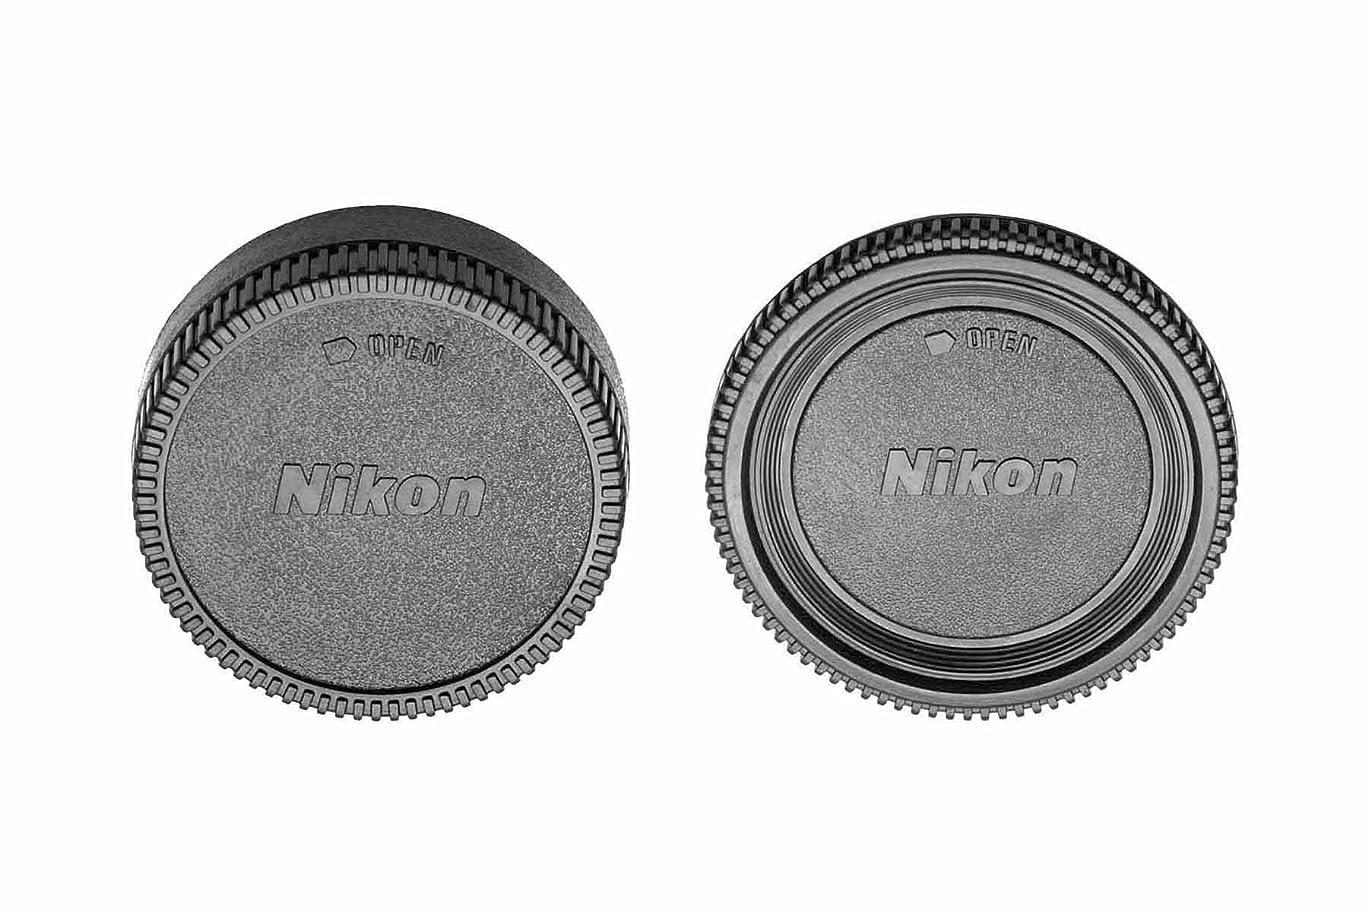 オーブンアプローチ燃料ガジェットPlaceカメラボディキャップとリアレンズキャップfor Nikon d7500